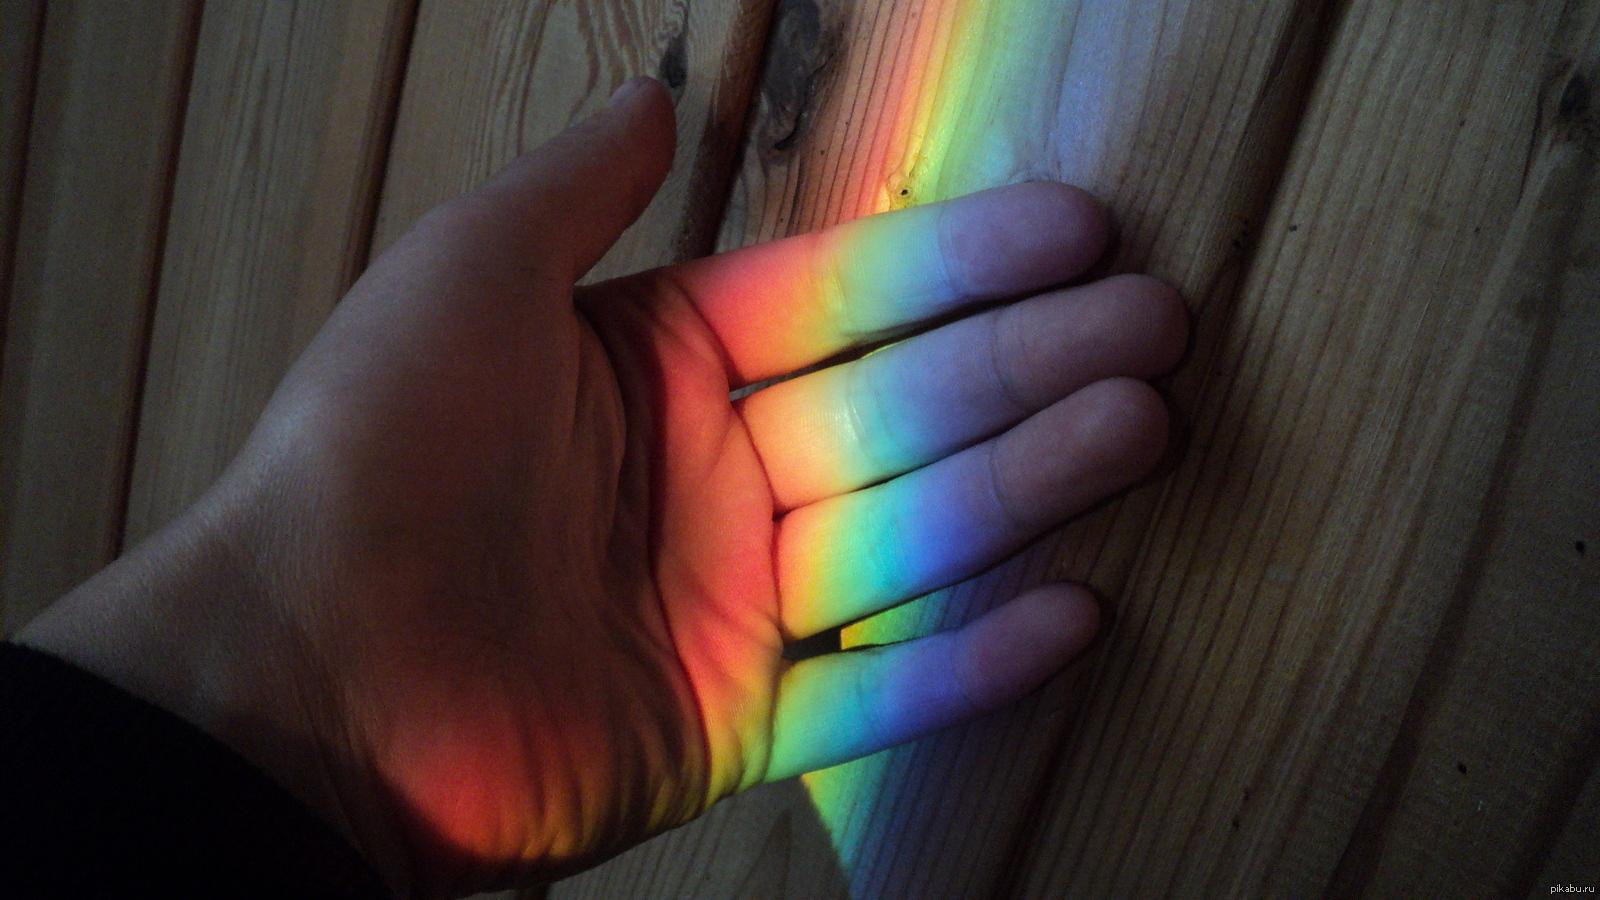 неоспоримым радуга на руке фото приложение так